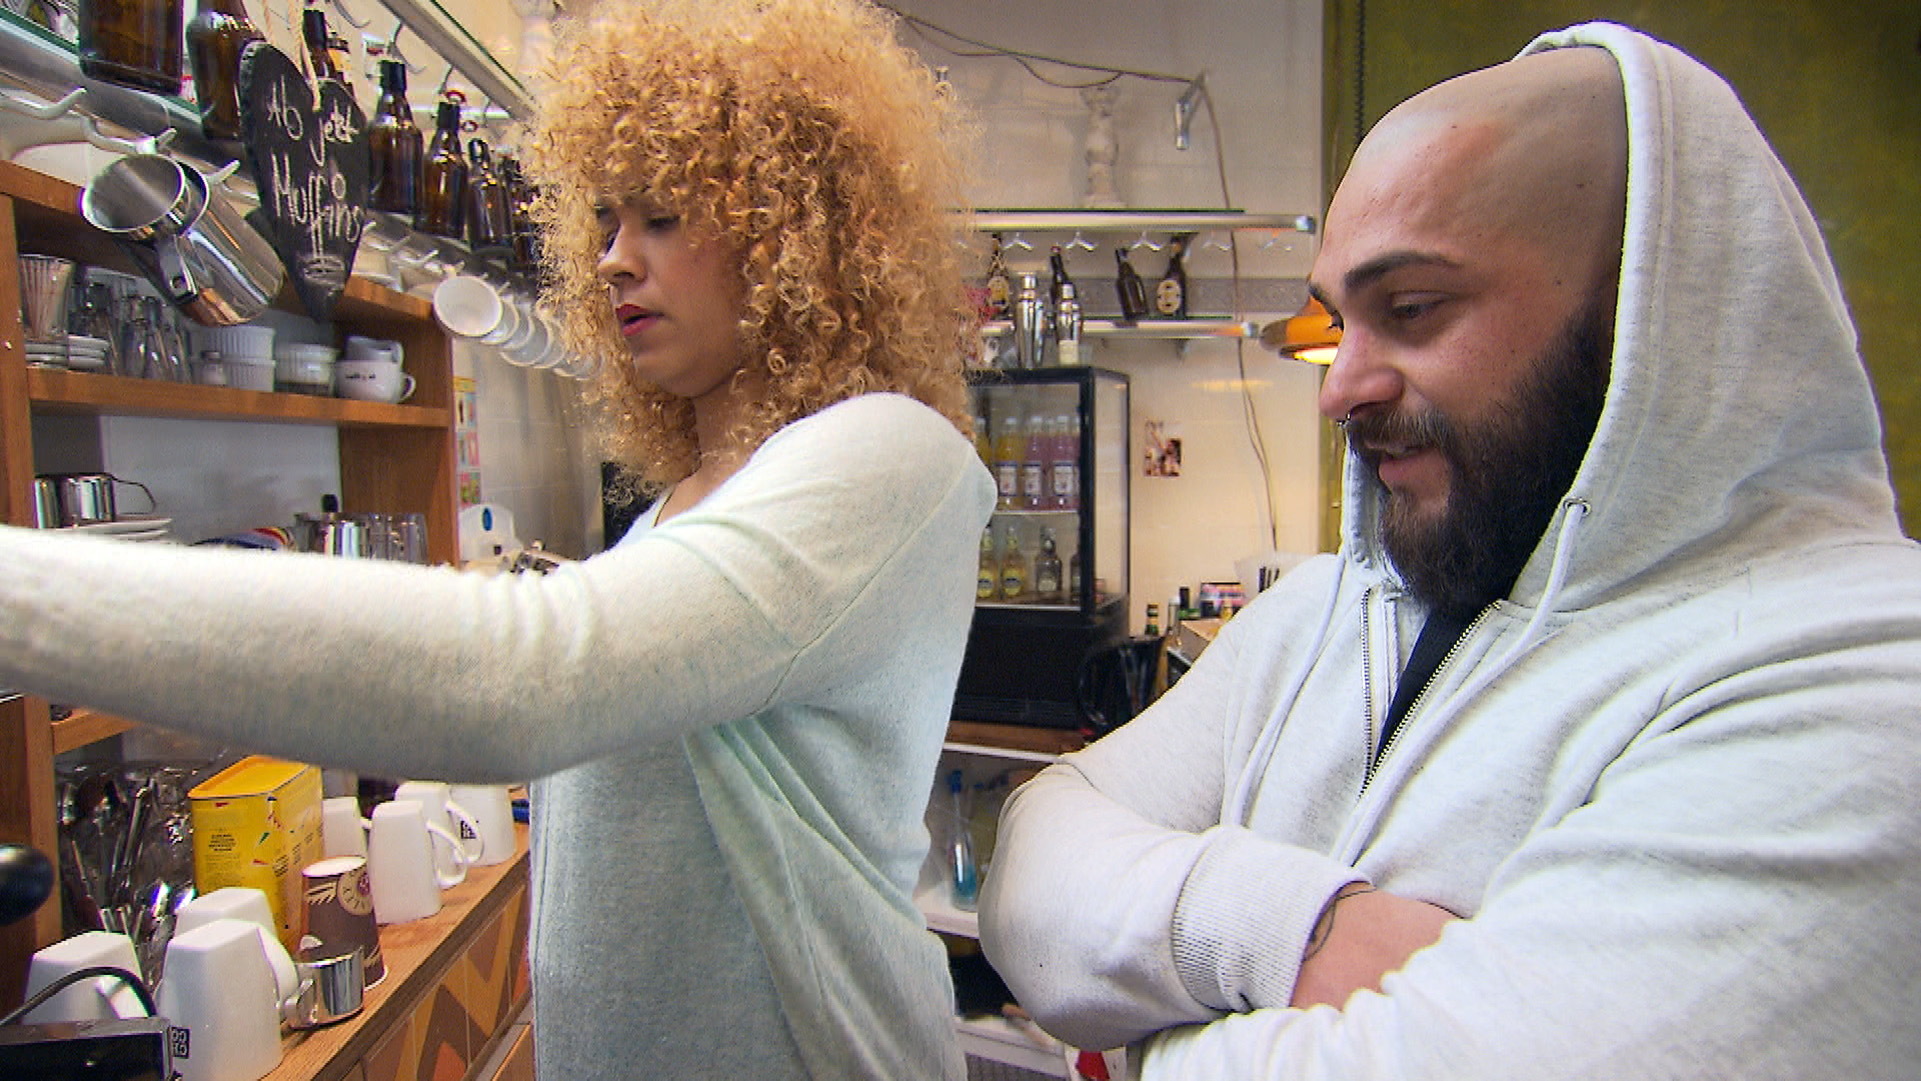 Als Bruno mitbekommt, dass Sams Kaffeemaschine wieder kaputt ist, beschließt er, Sam zu beeindrucken und sich um das Problem zu kümmern. (Quelle: RTL 2)